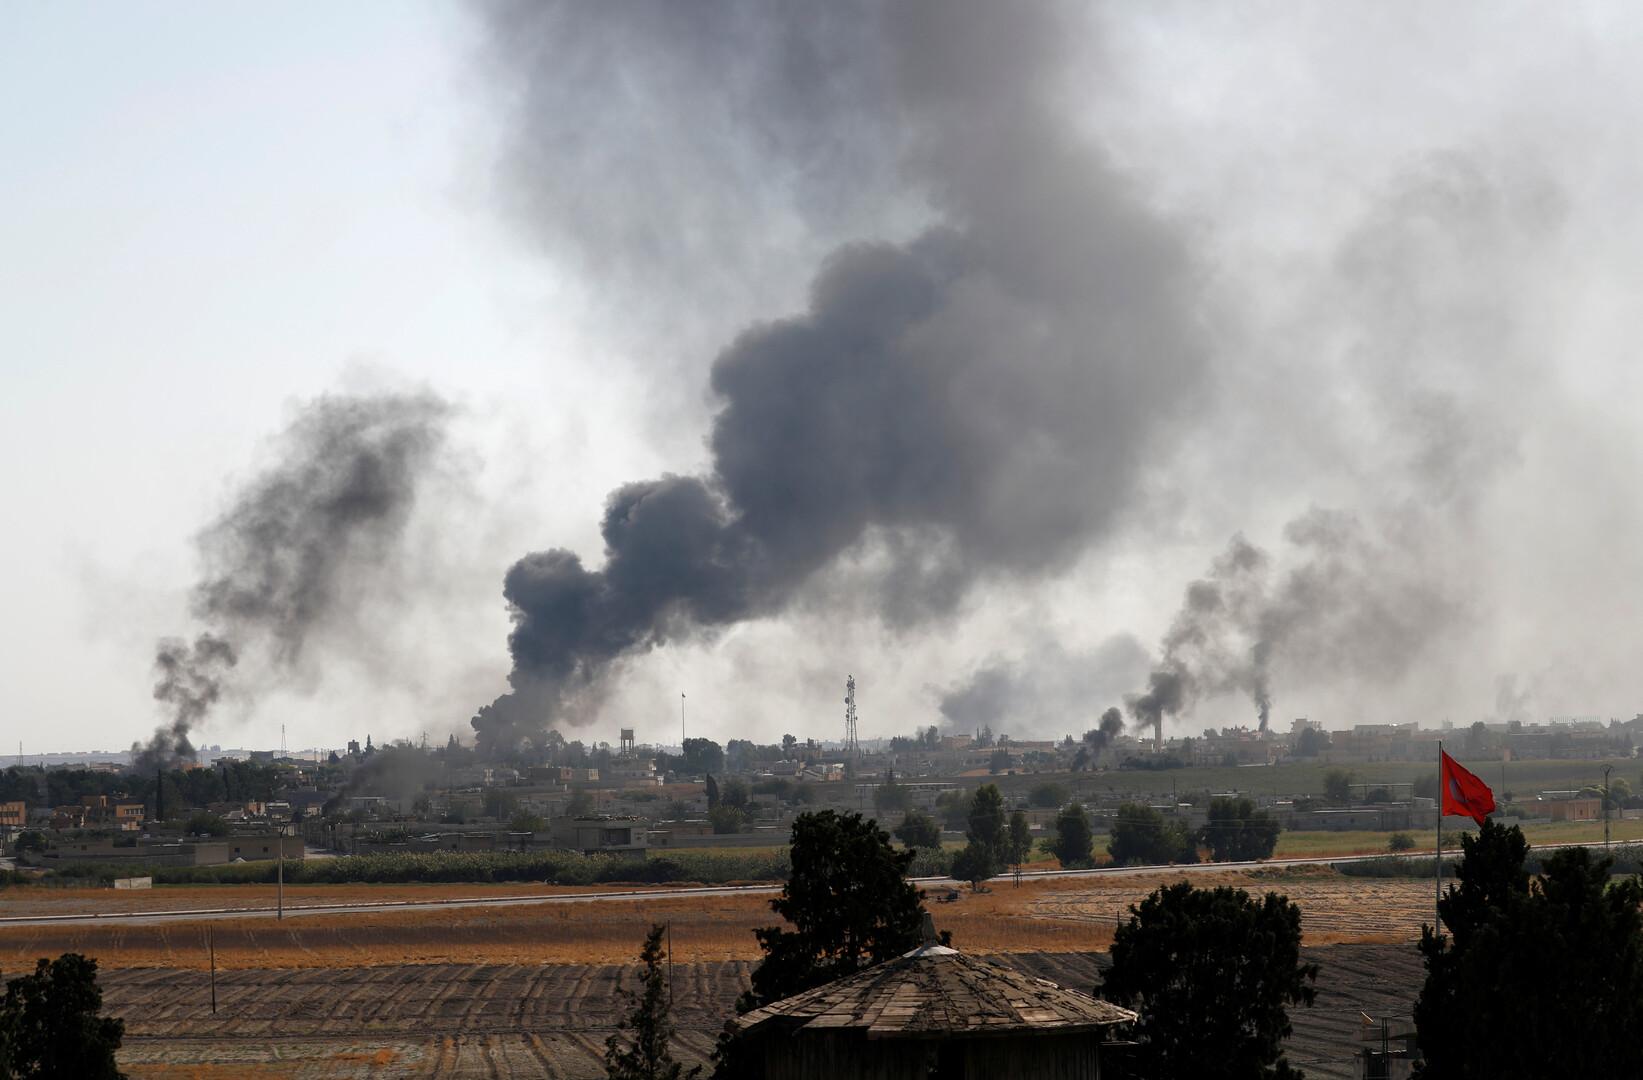 مسؤول أمريكي: هجوم تركيا على سوريا يصب في صالح إيران